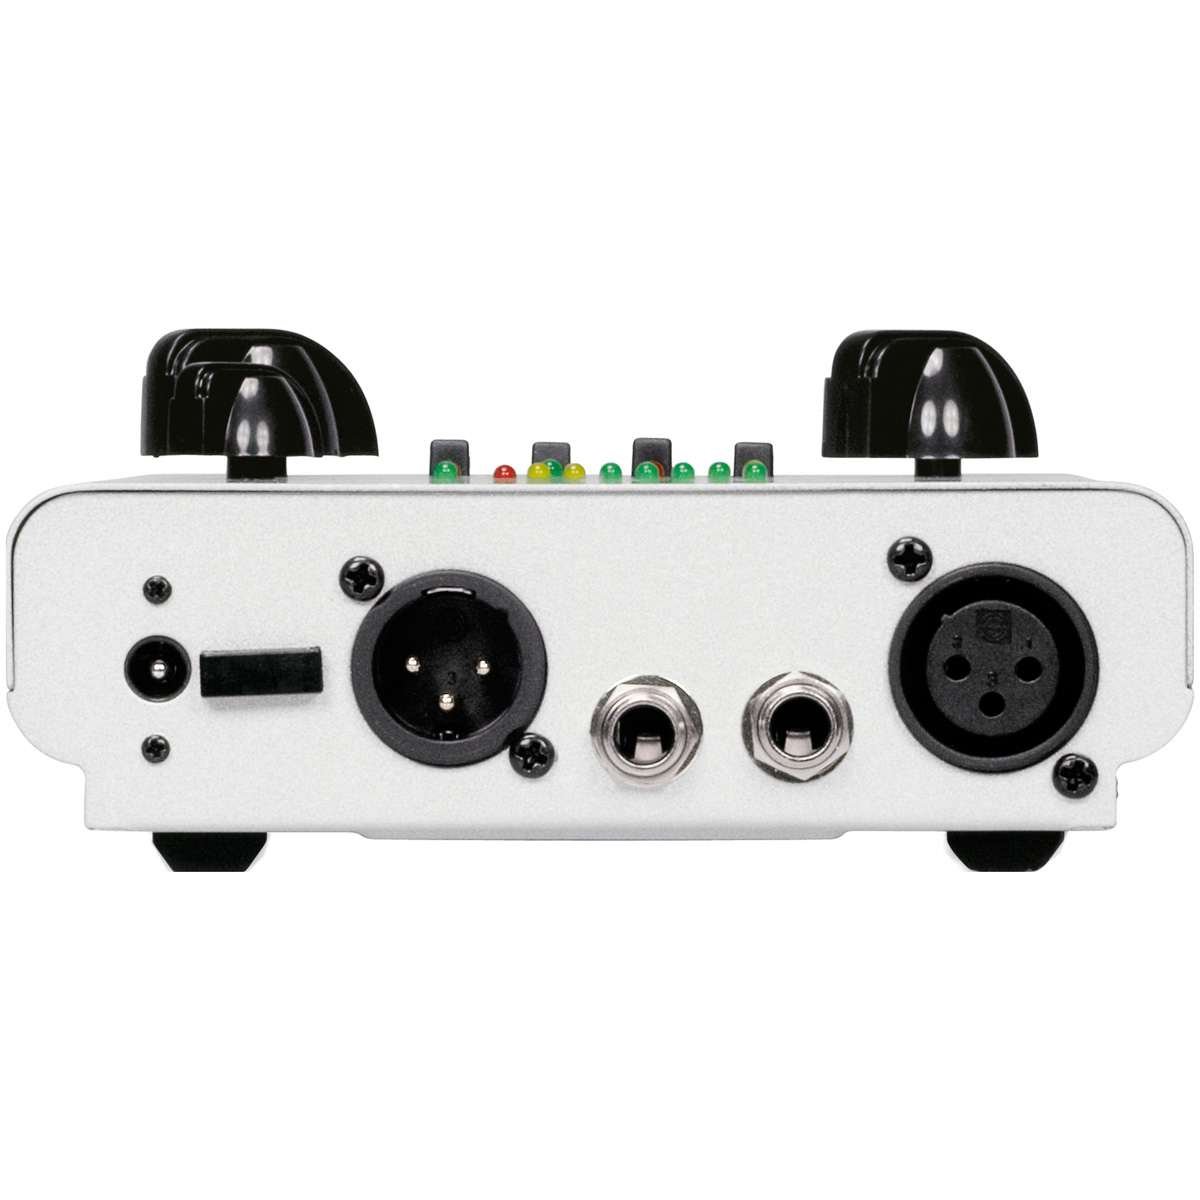 MIC200 - Pré Amplificador Valvulado MIC 200 - Behringer